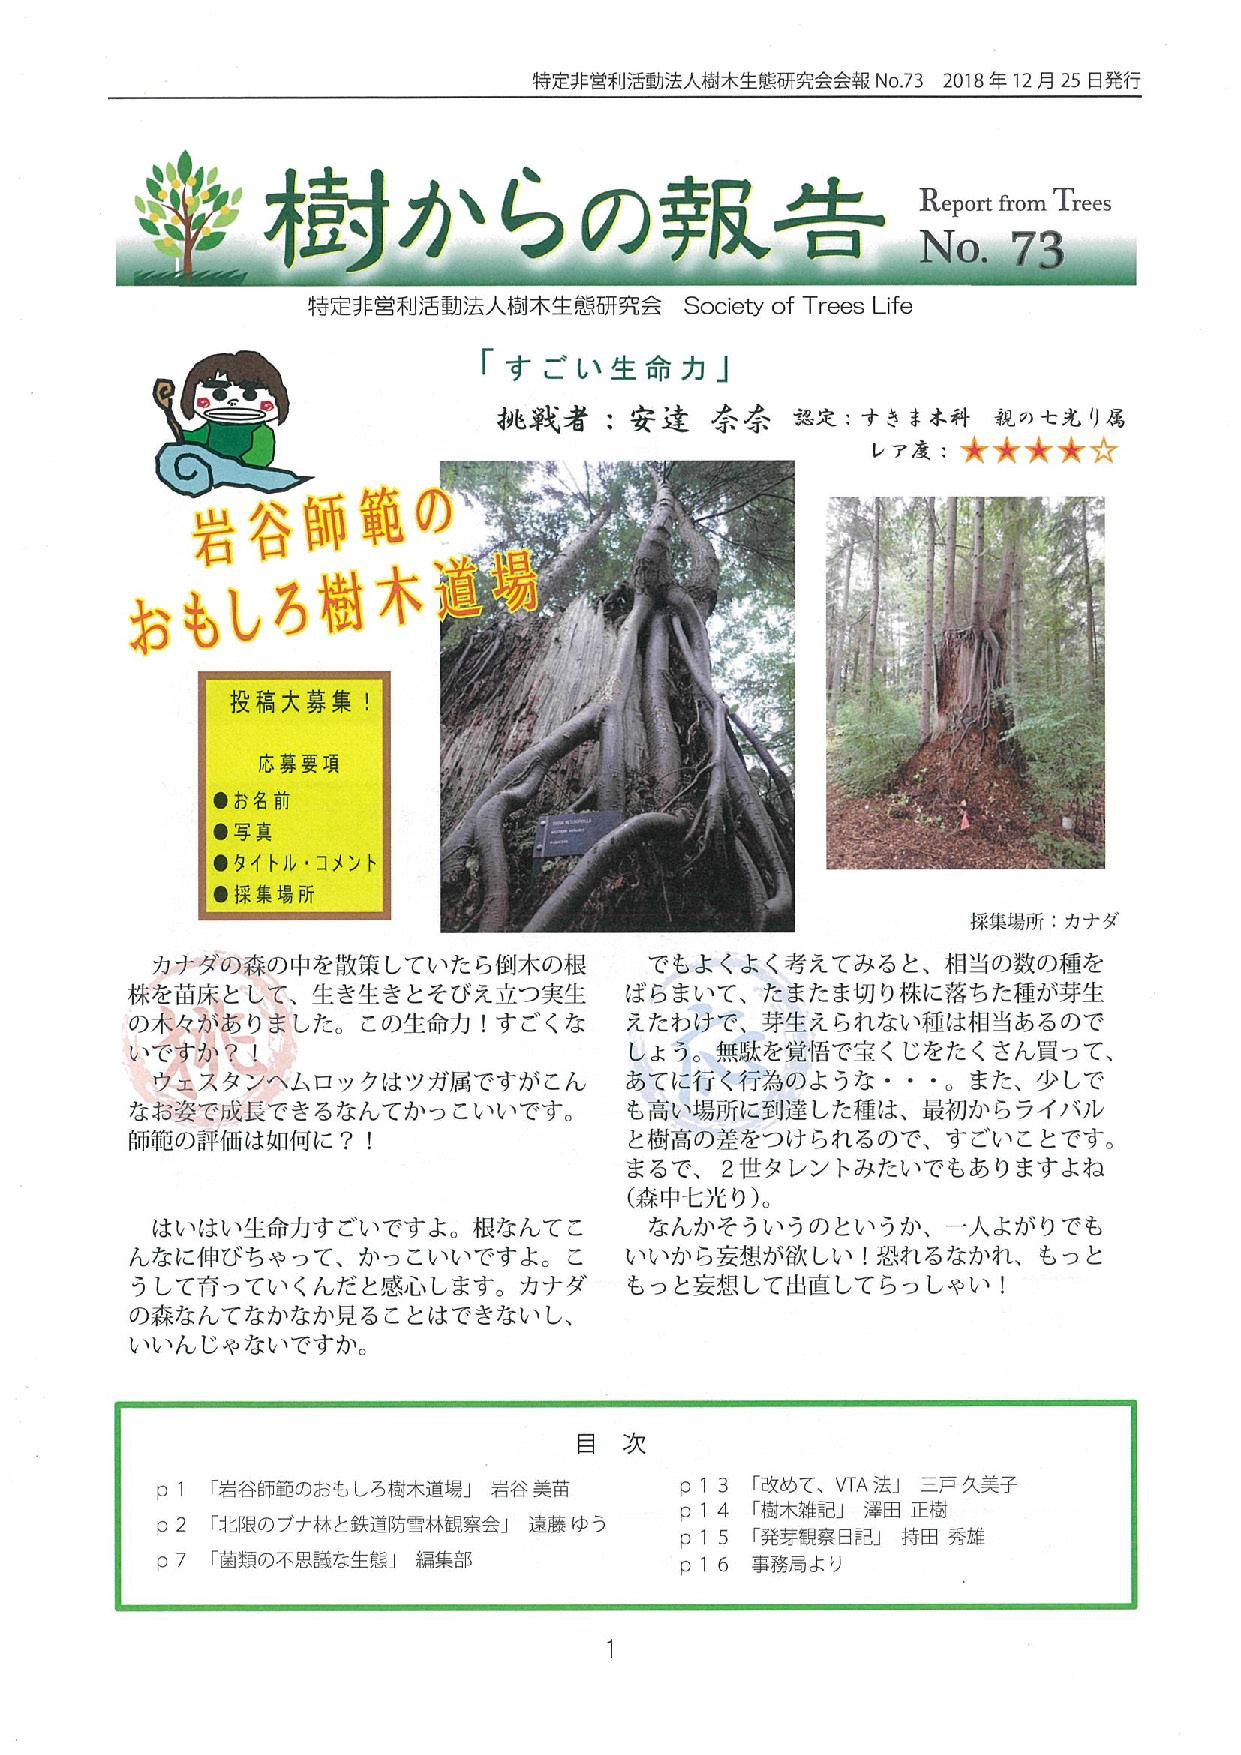 樹からの報告 会報73号